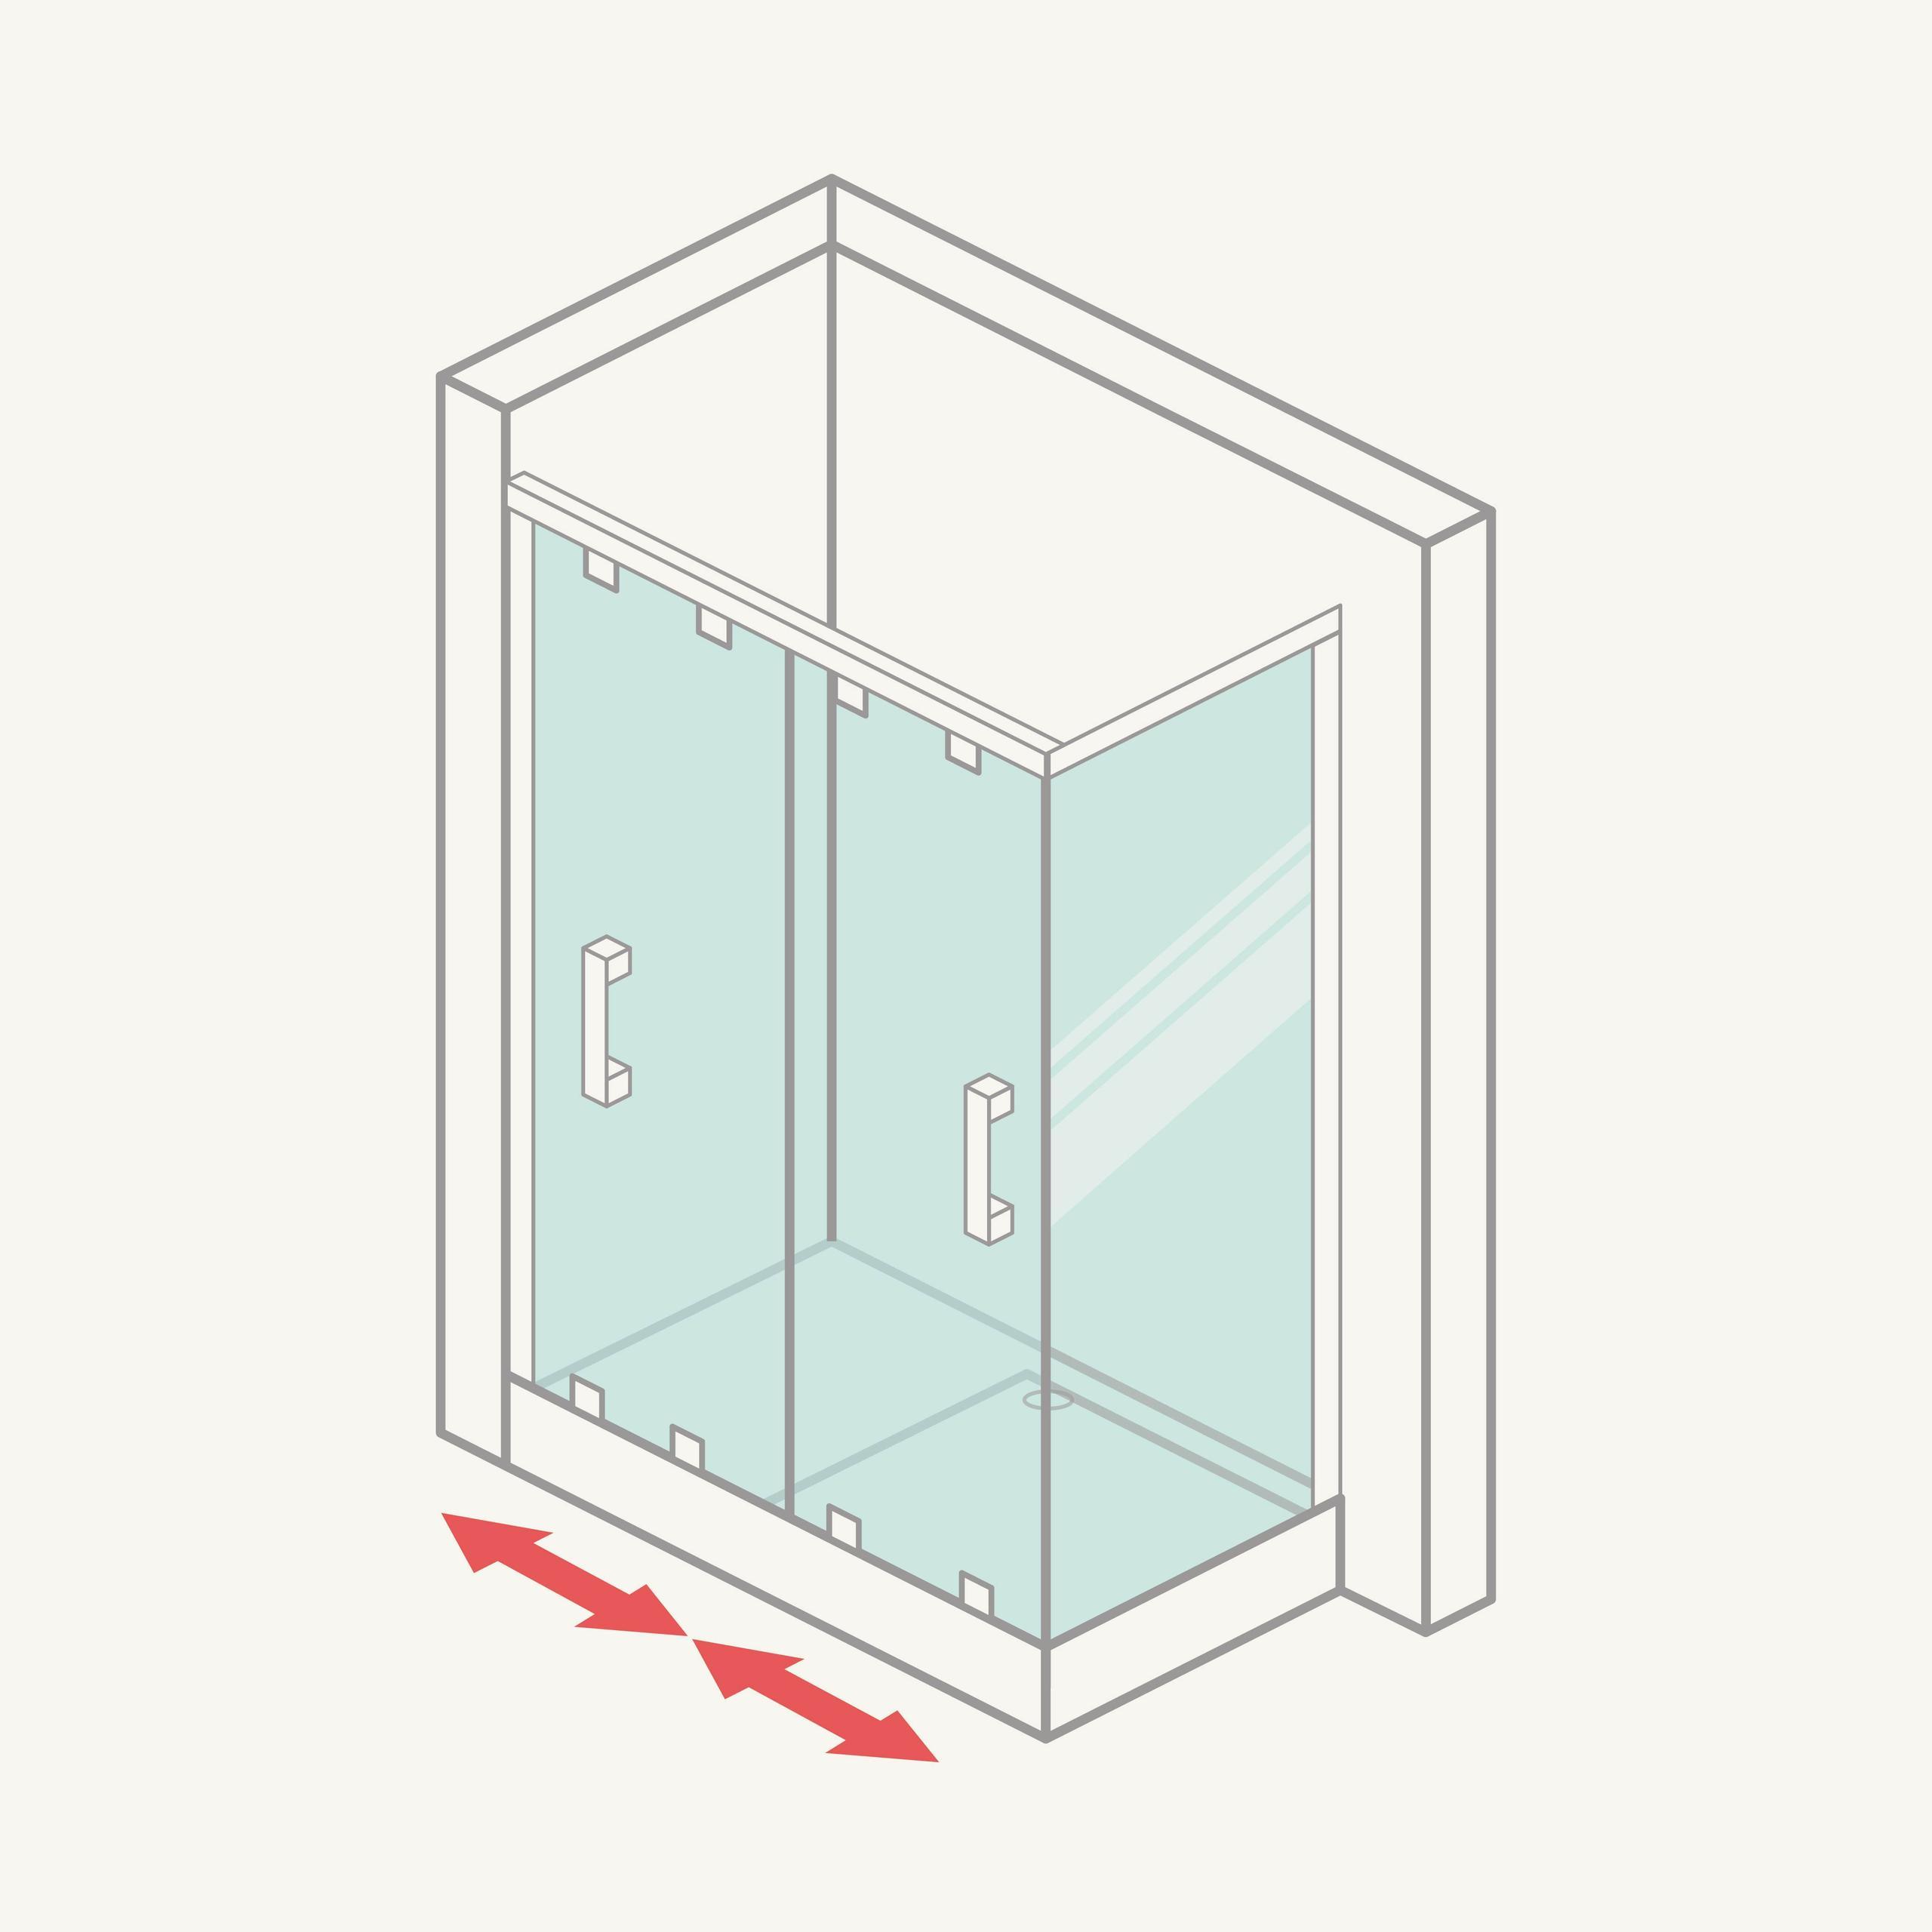 Mampara de ducha angular: frontal (2 correderas) y lateral fijo